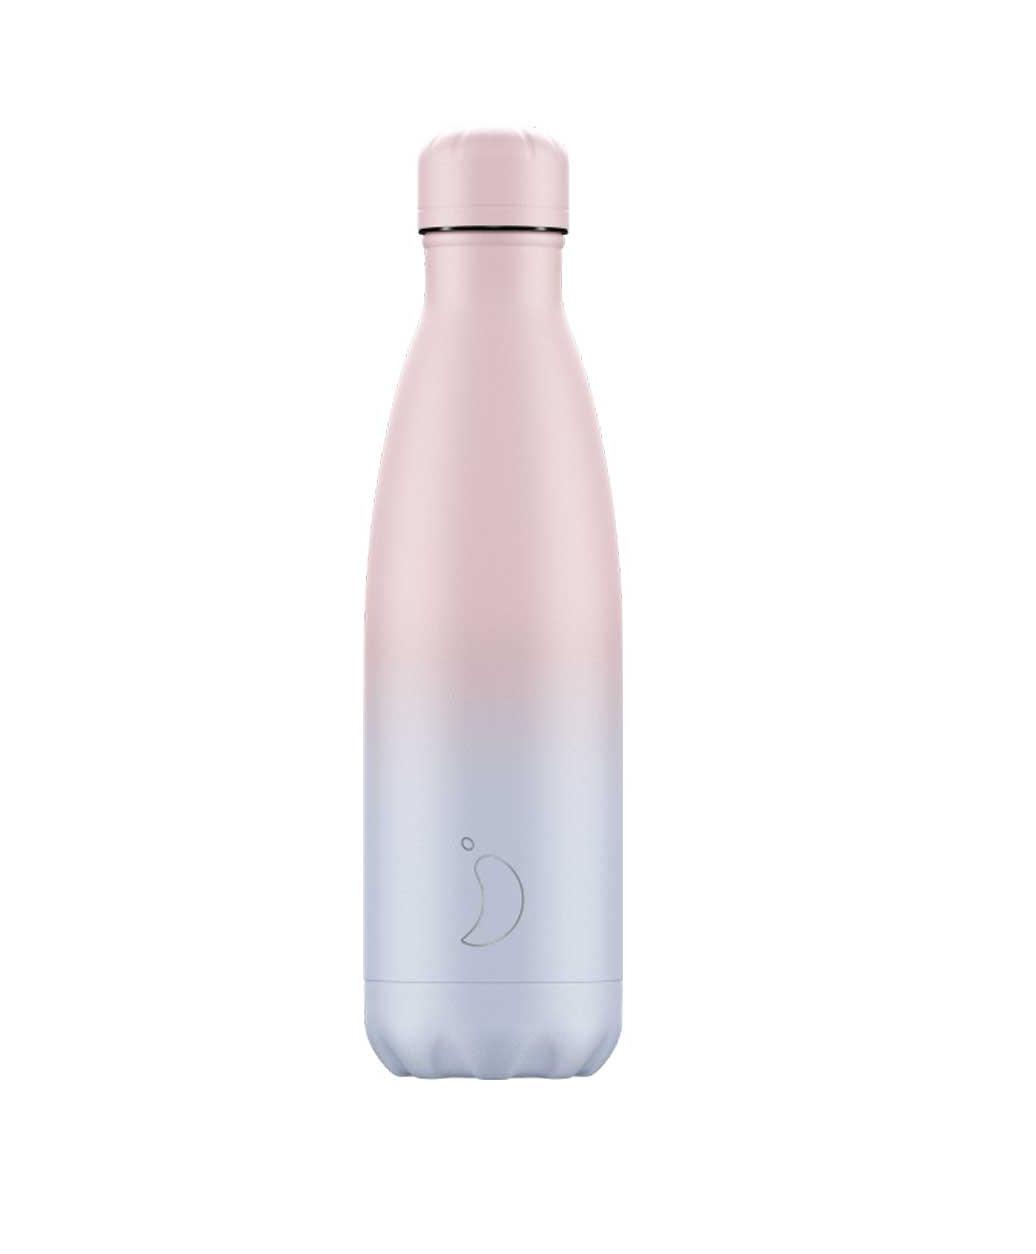 Chilly's Bottle 500 ml - Gradient Blush